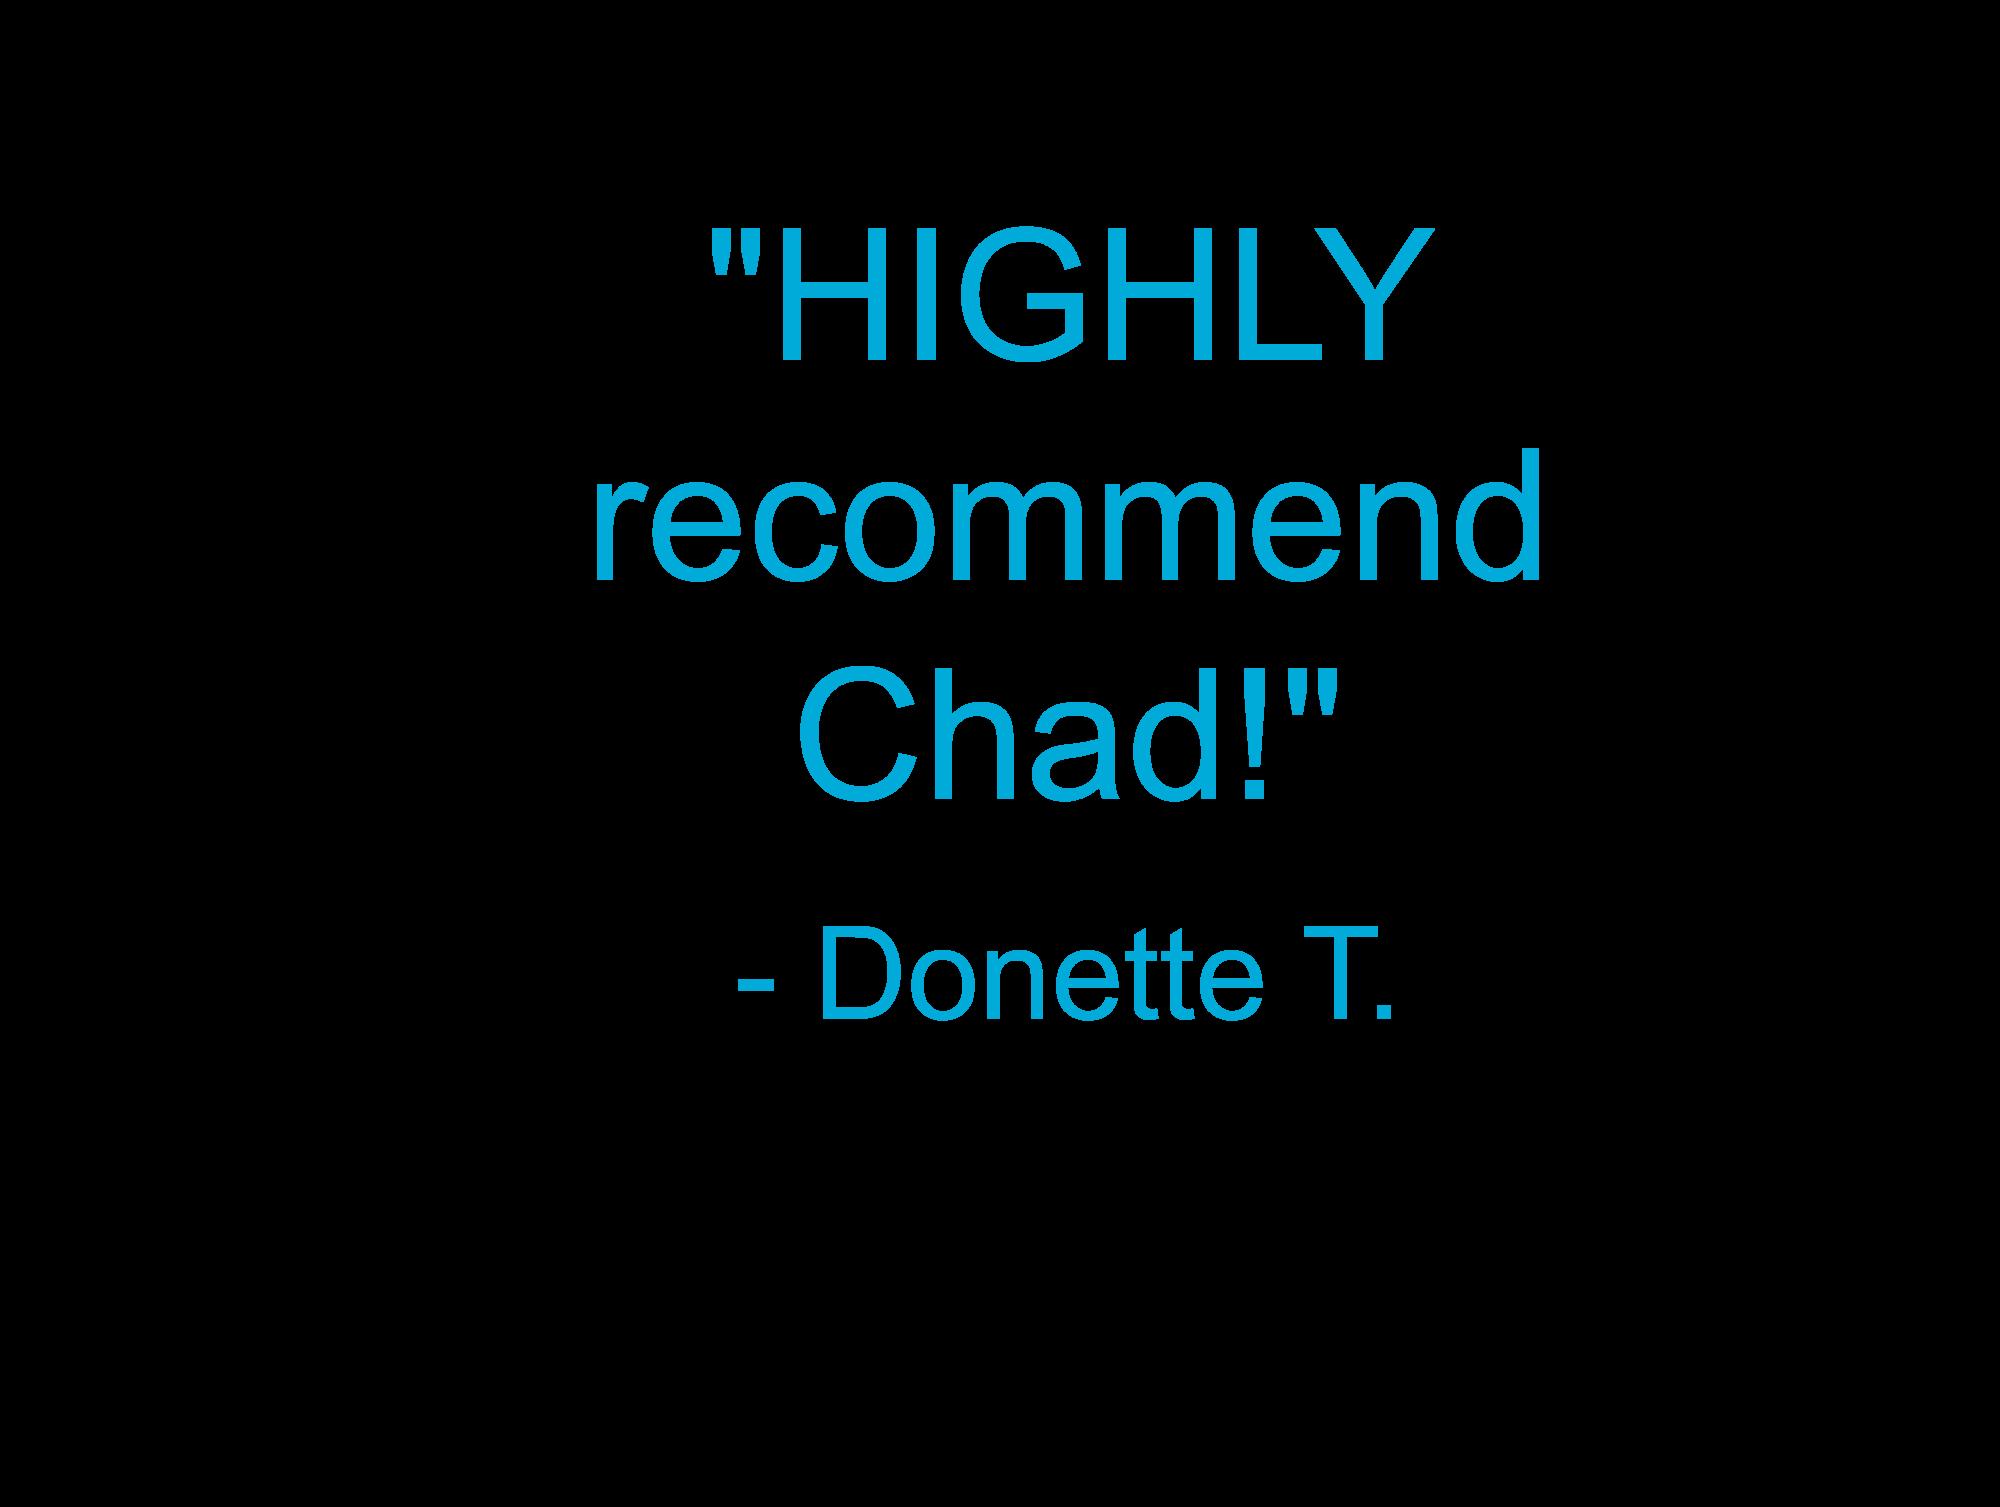 Donette's testimony